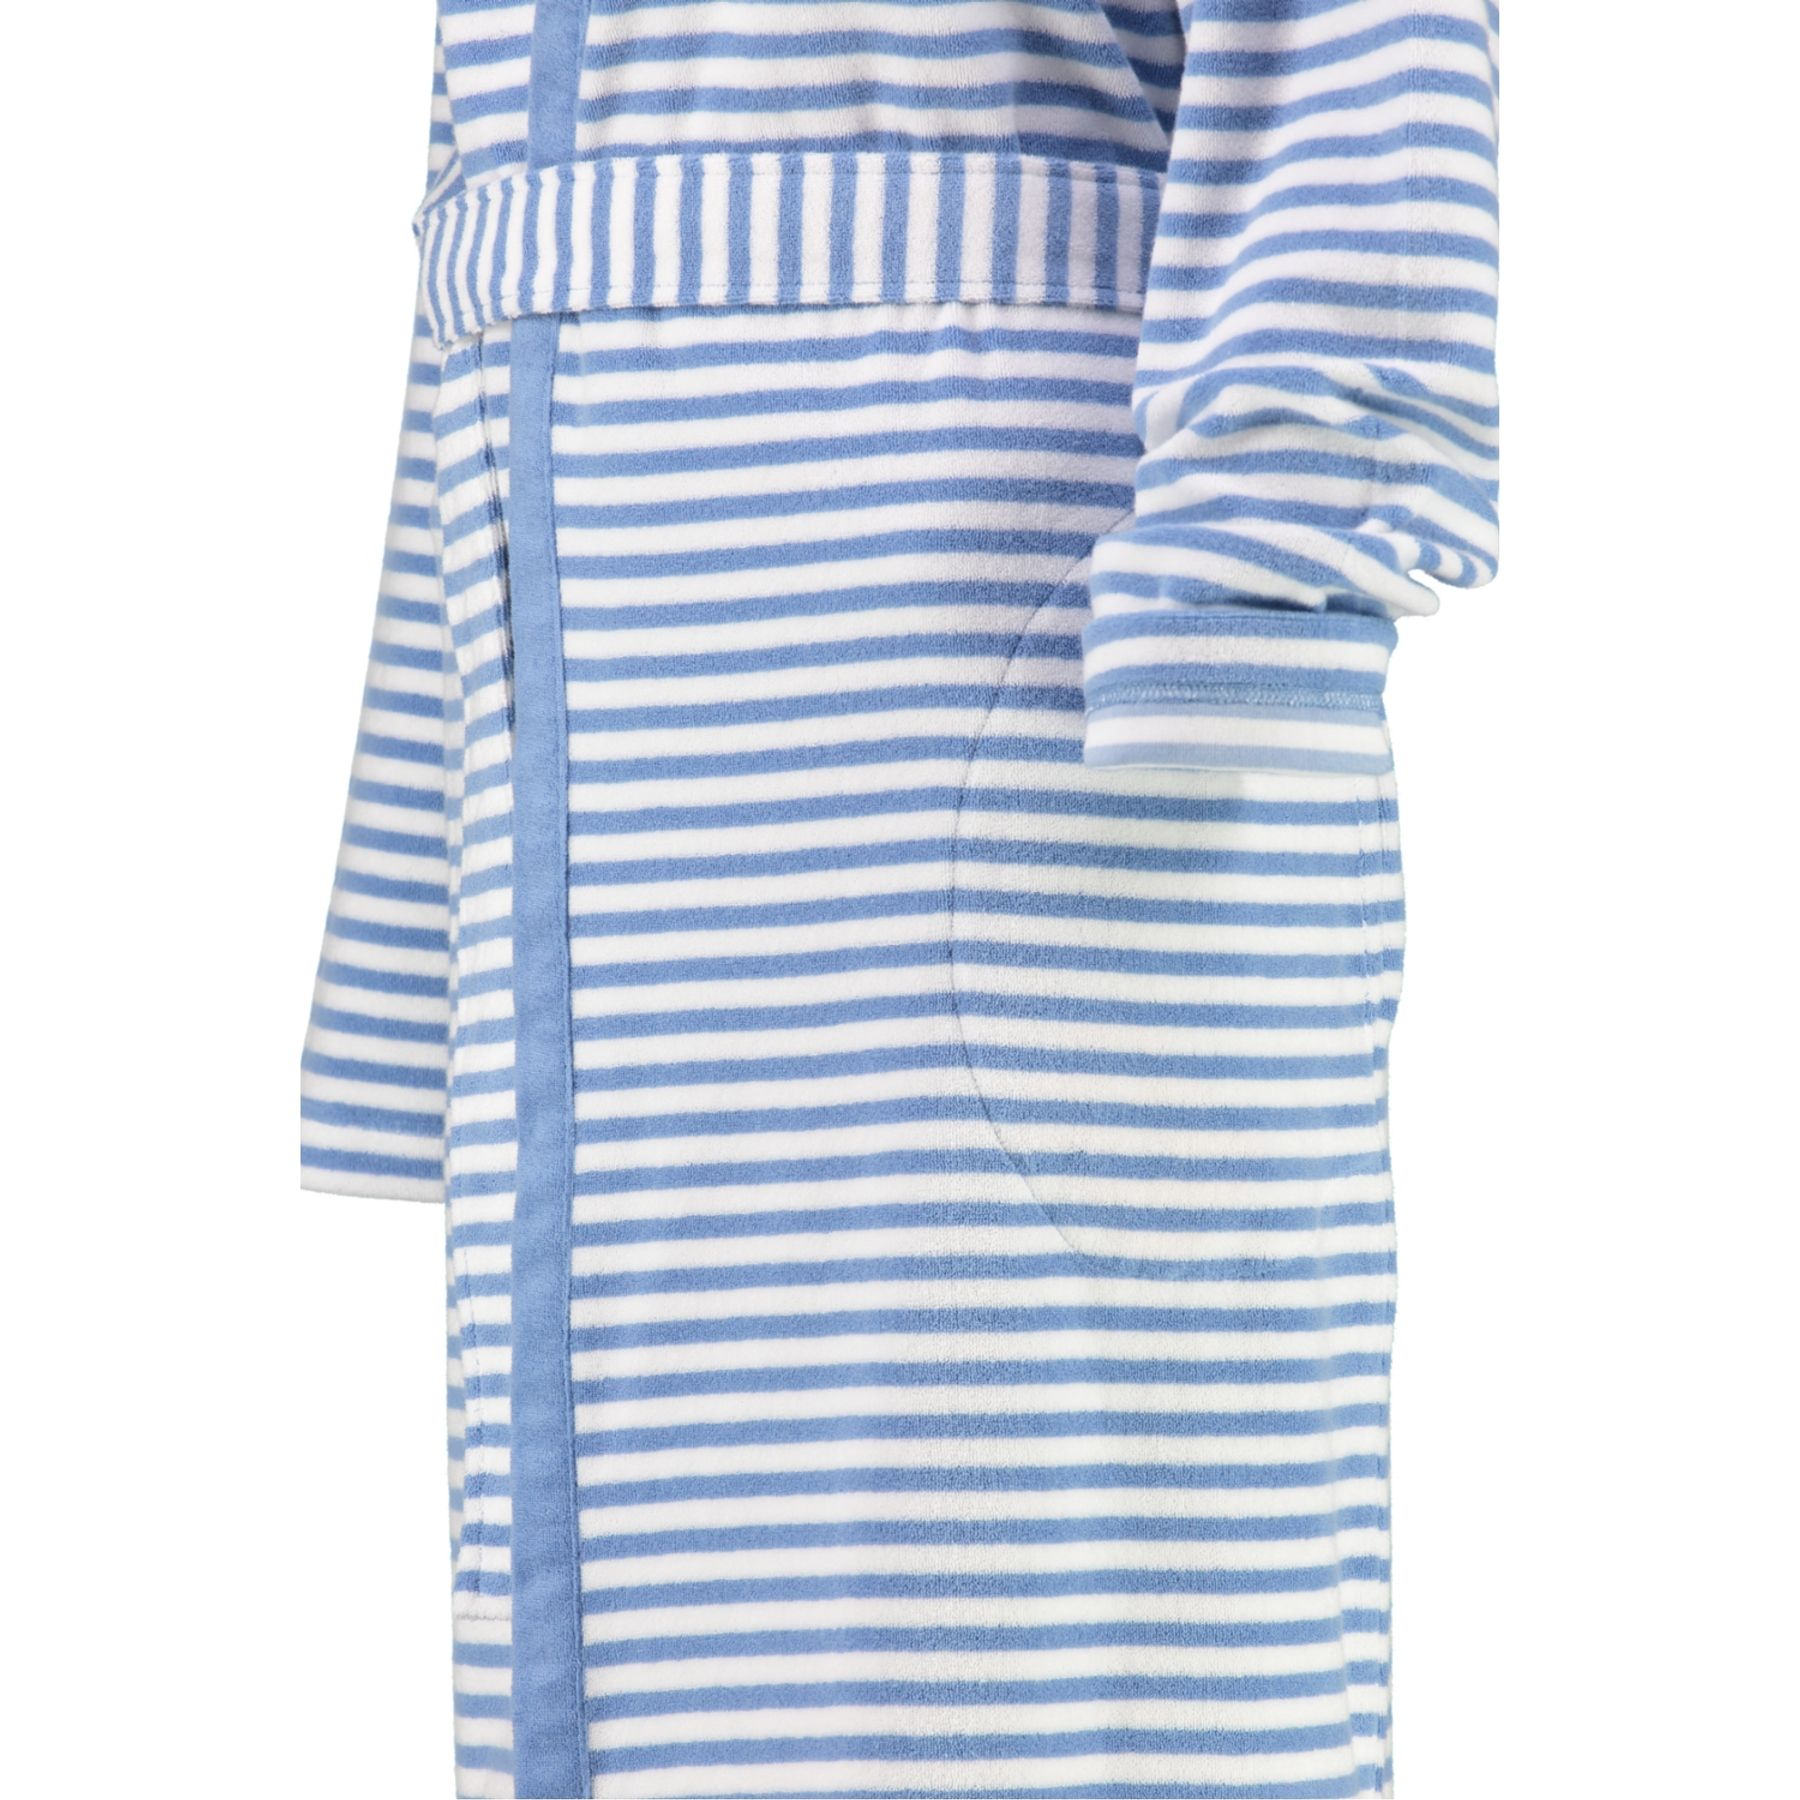 s.Oliver - Damen Bademantel mit Kimono Form in verschiedenen Farben (3712) – Bild 23